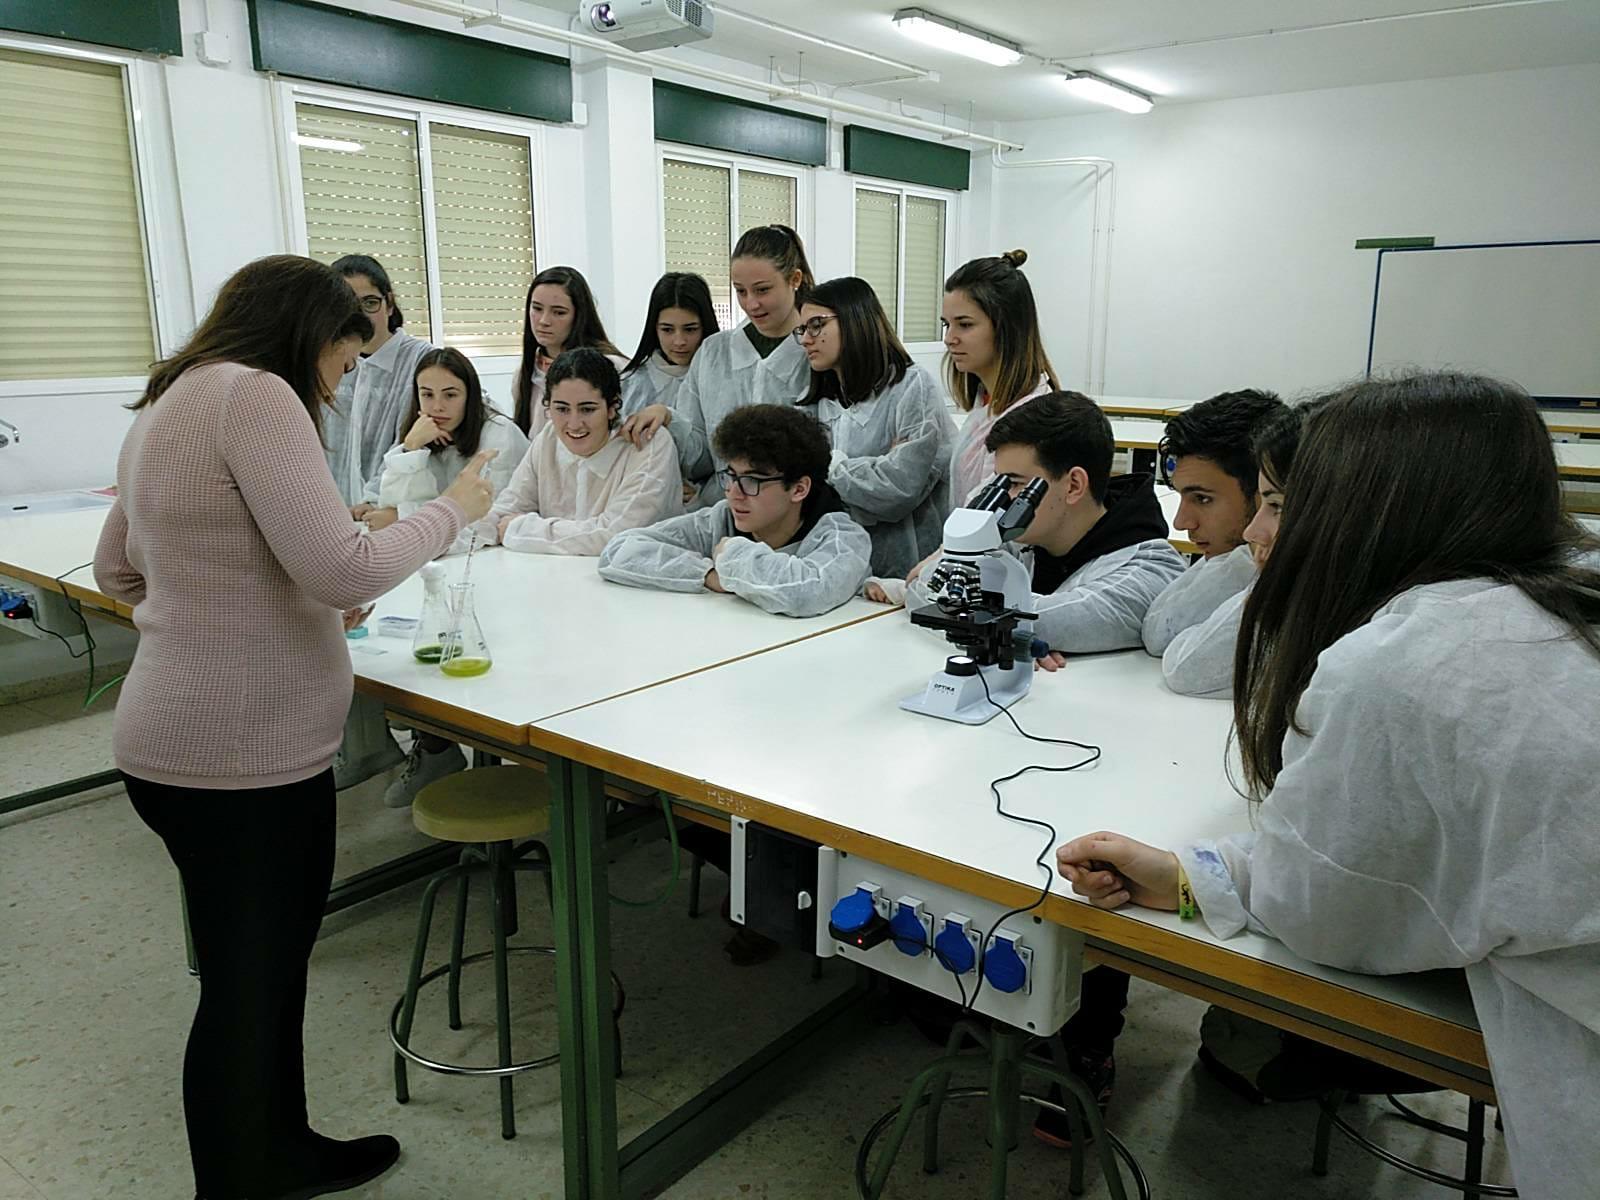 Charla-Inmaculada-Couso-Día-Internacional-de-la-mujer-y-la-niña-en-la-Ciencia-8